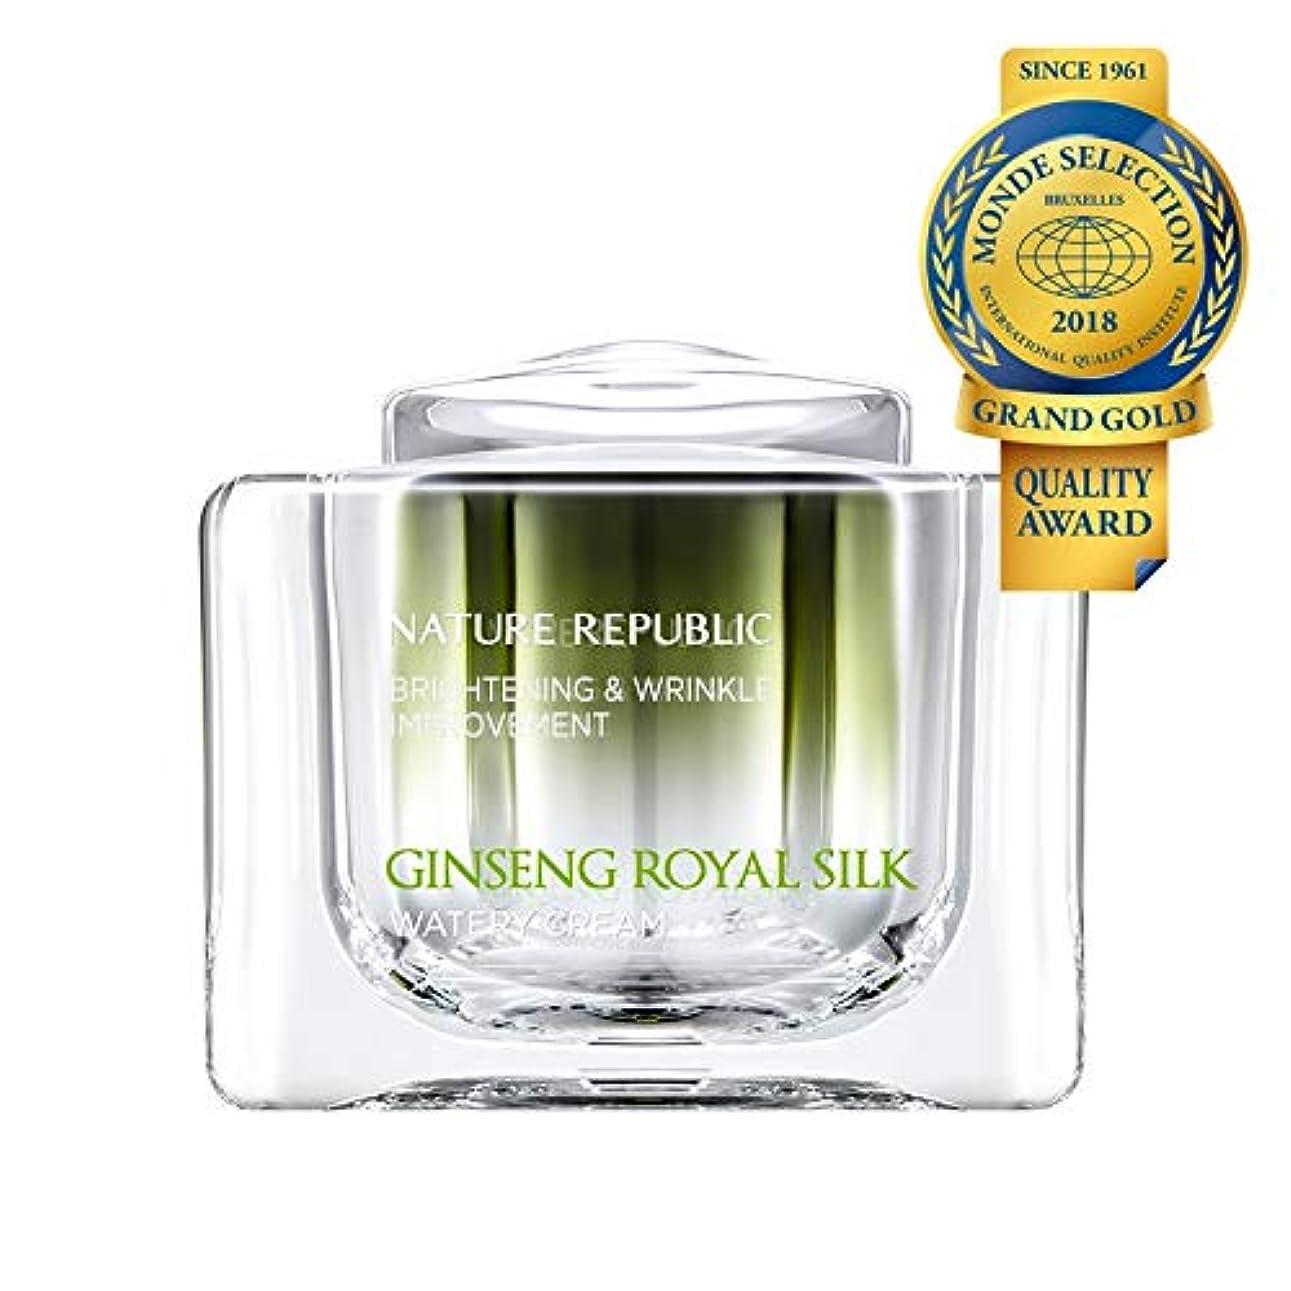 ネット本質的ではない流体ネイチャーリパブリック(Nature Republic)ジンセンロイヤルシルクウォーターリークリーム 60g / Ginseng Royal Silk Watery Cream 60g :: 韓国コスメ [並行輸入品]